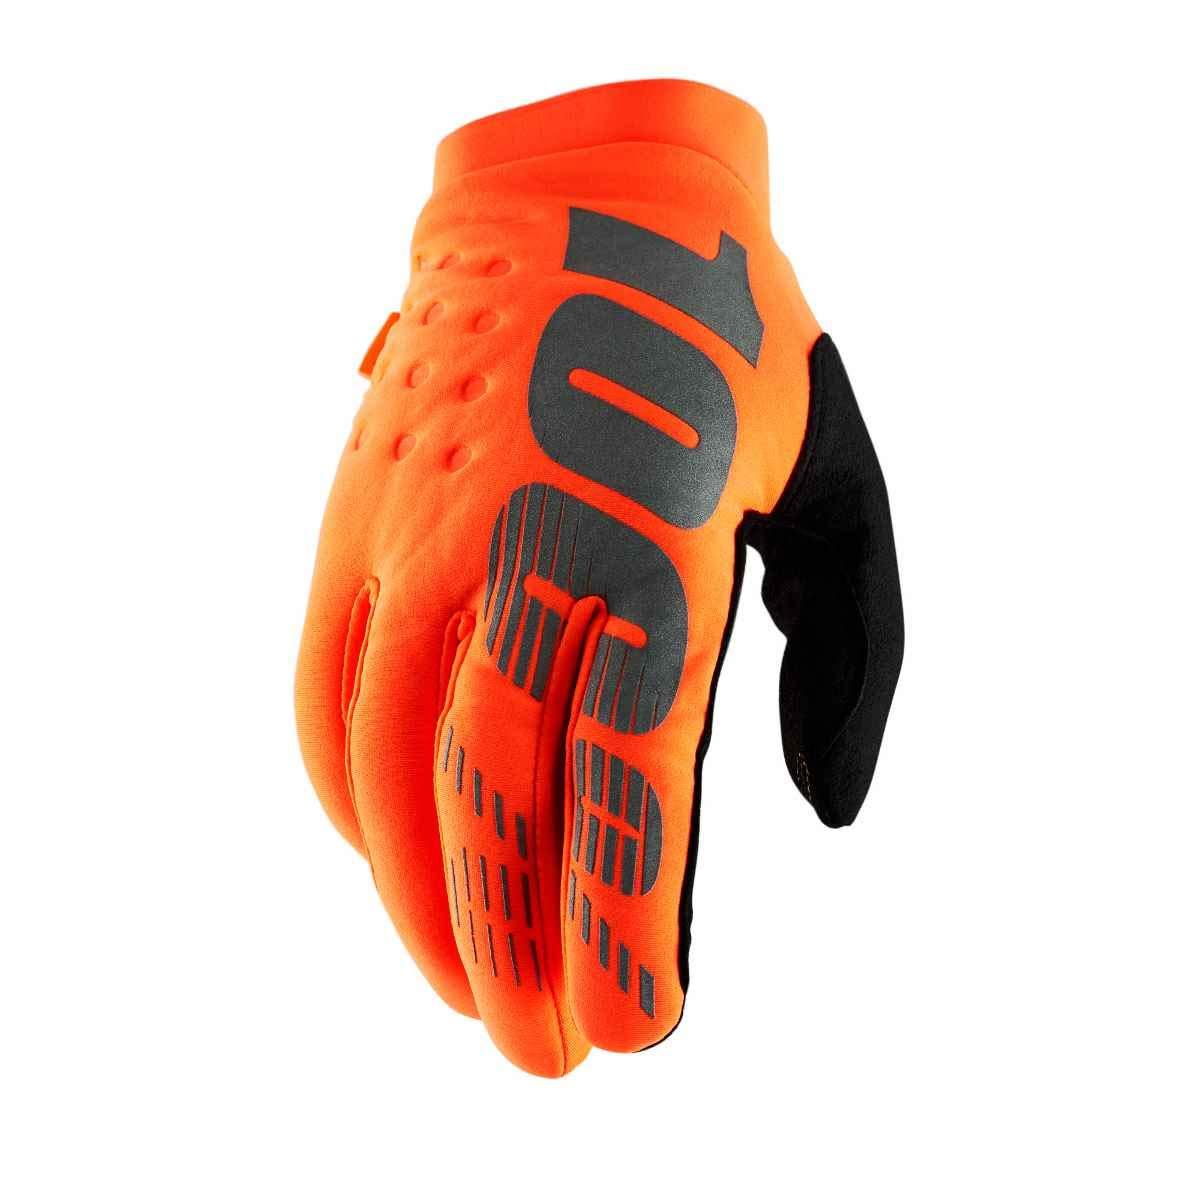 Fluo Orange//Black//X-Large 100/% Brisker Adult Off-Road Motorcycle Gloves